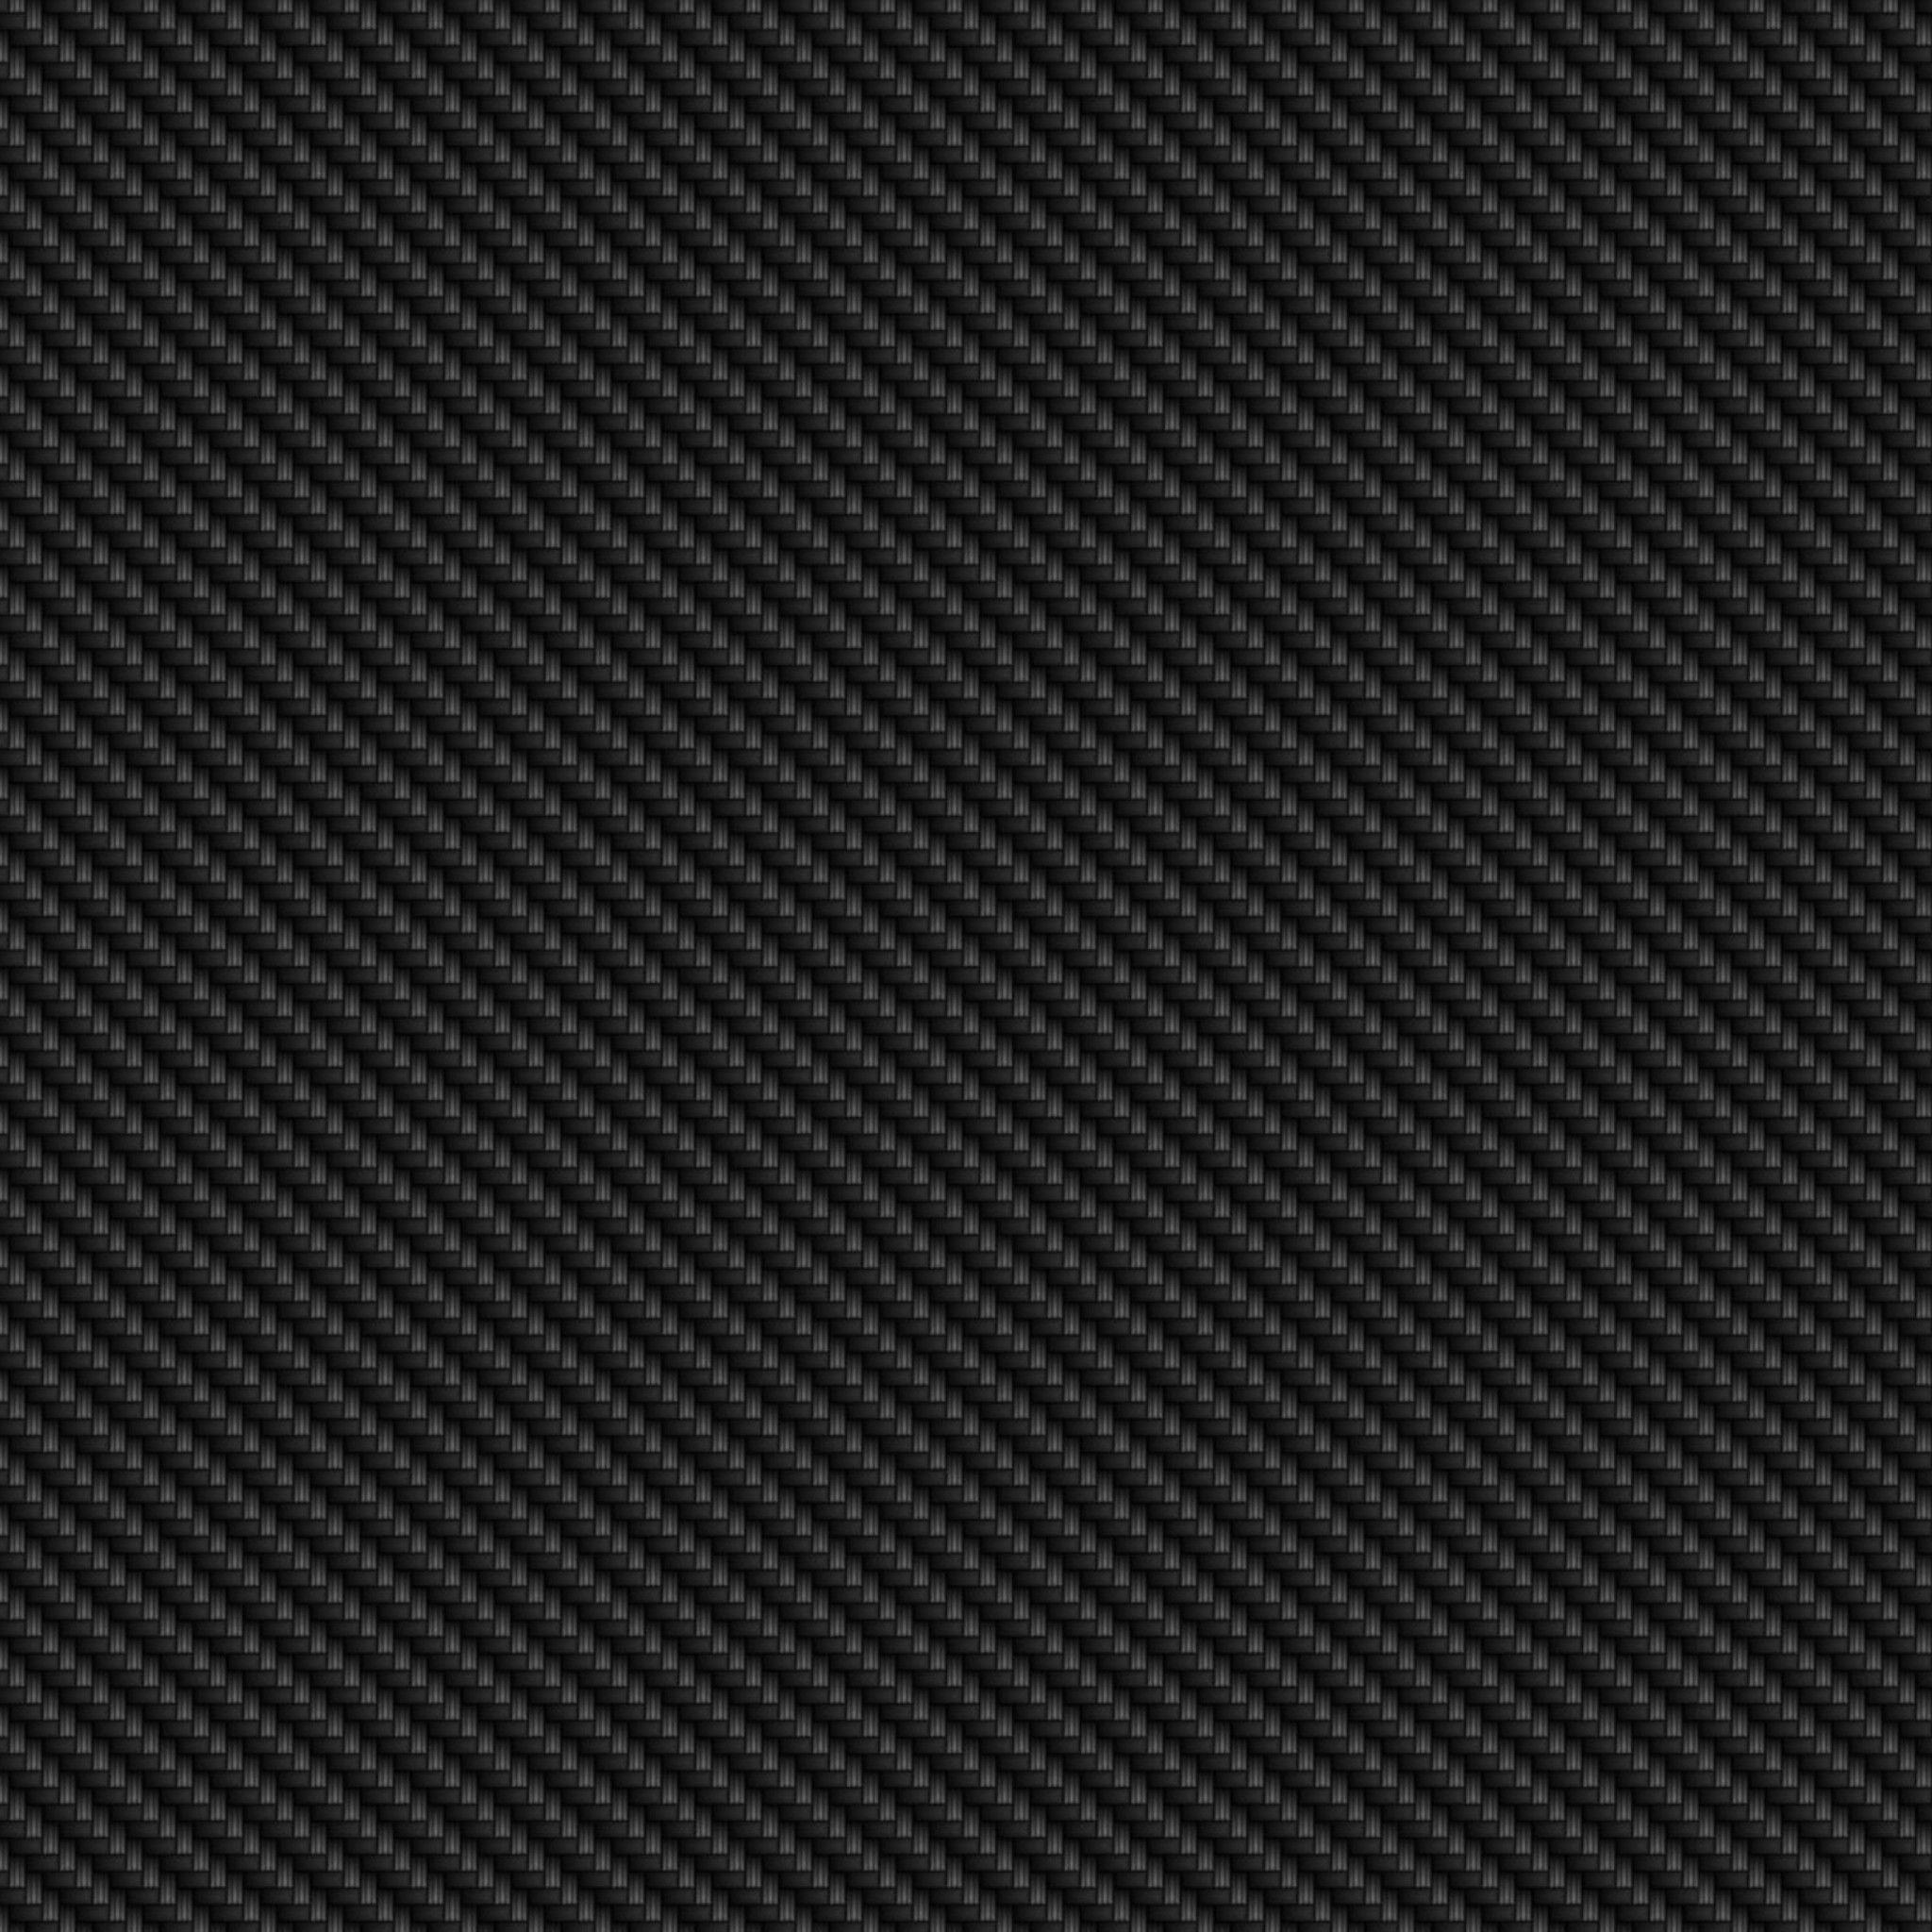 Hình nền sợi carbon 4K Hình nền sợi carbon 4K miễn phí